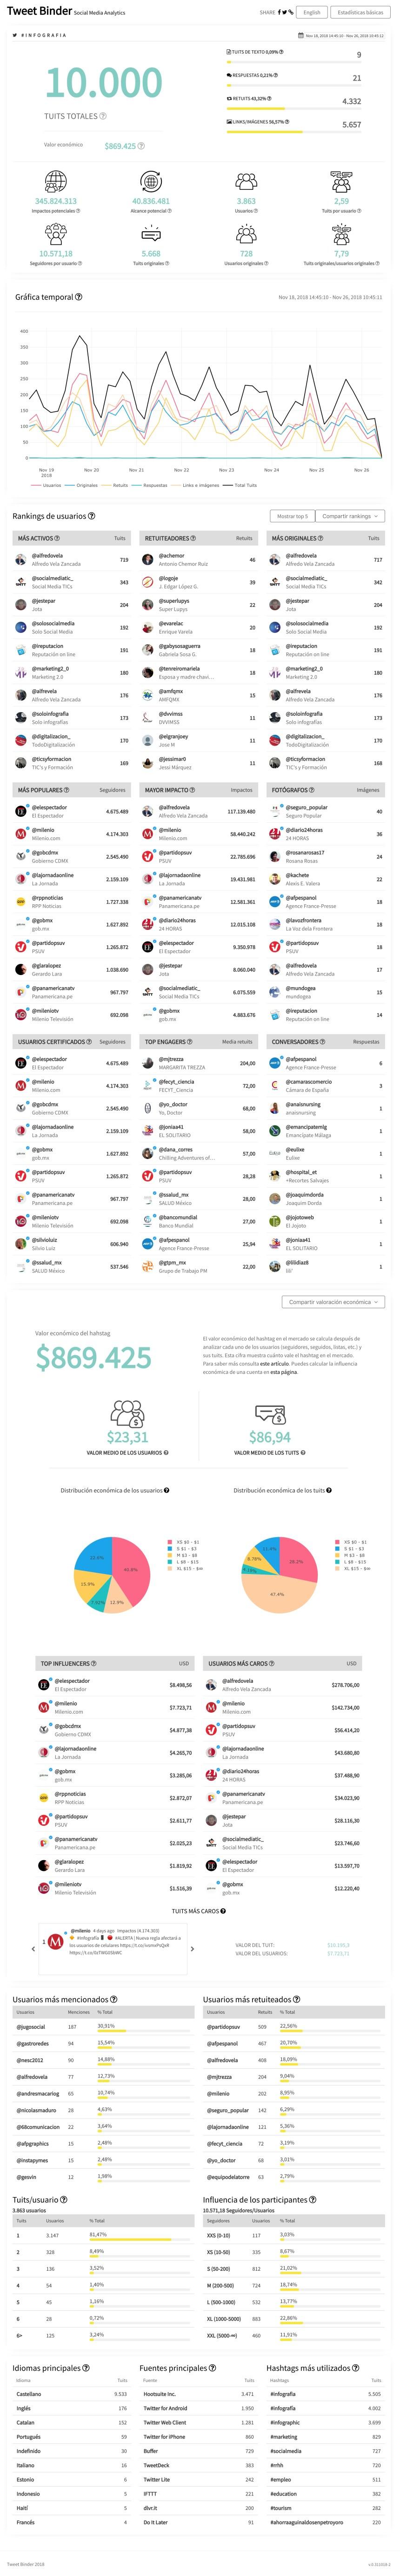 Estadísticas del hashtag #infografia en Twitter #infographic #socialmedia